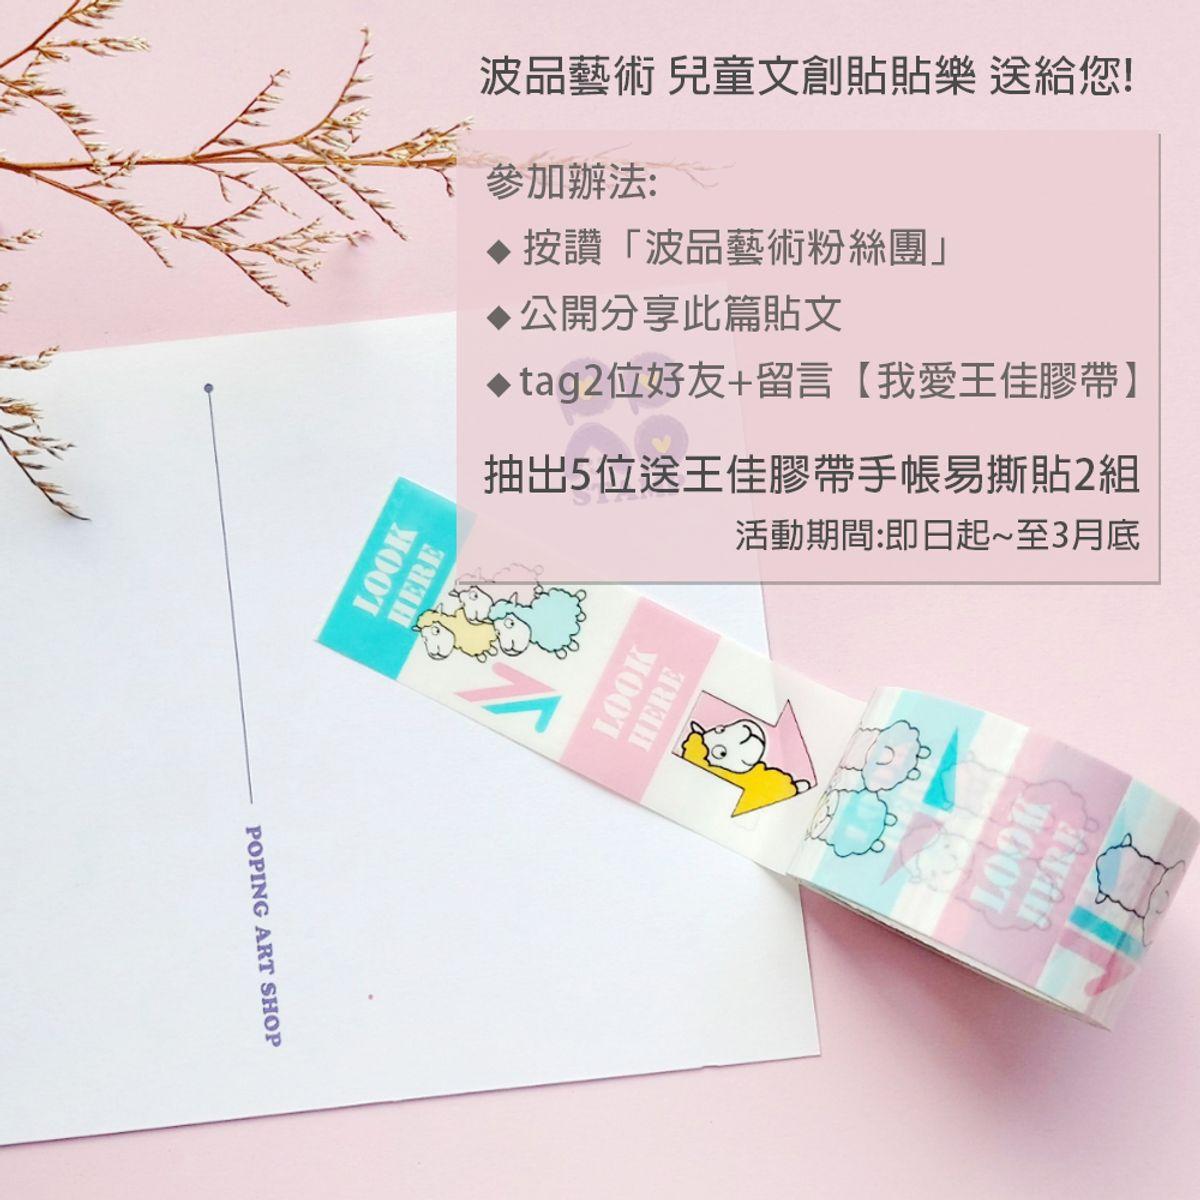 波品藝術X王佳膠帶兒童文創禮物 送給您!